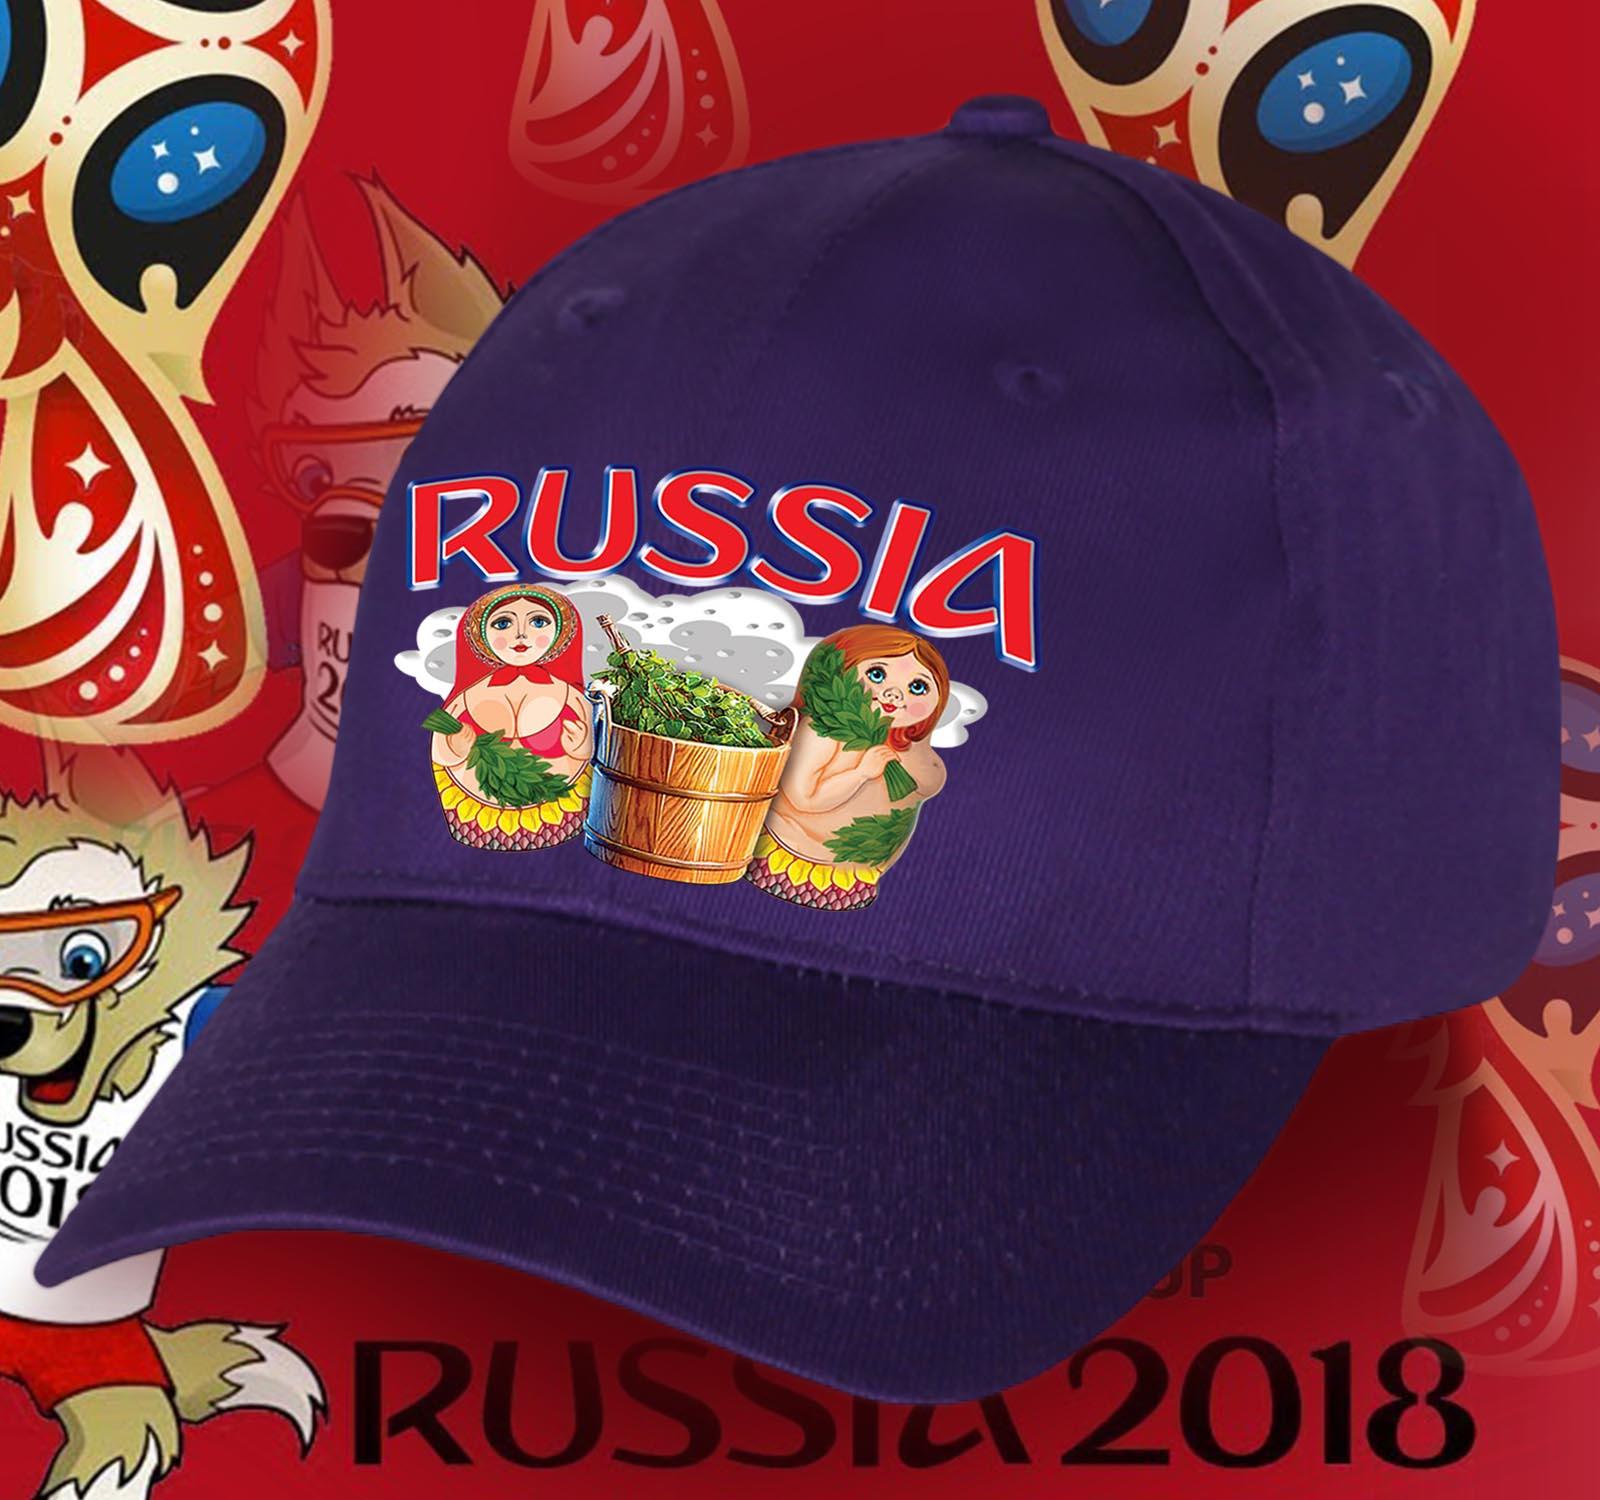 Фанатская бейсболка РОССИЯ